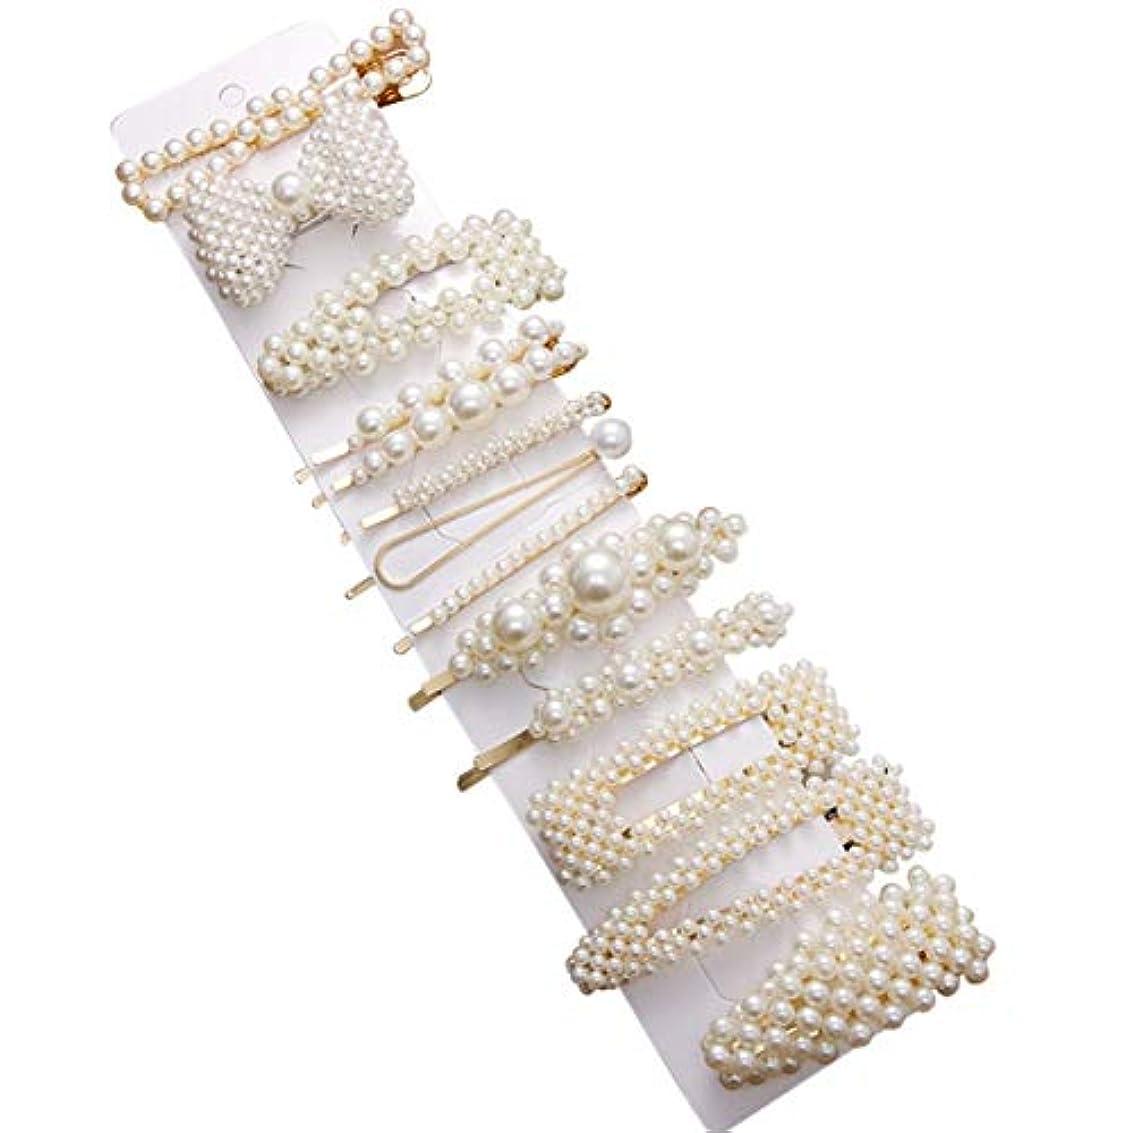 スロベニアパン屋マトロンIntercoreyファッション女性女の子エレガント真珠ヘアクリップ甘い帽子髪飾??りヘアピンバレットヘッドバンドヘアアクセサリー